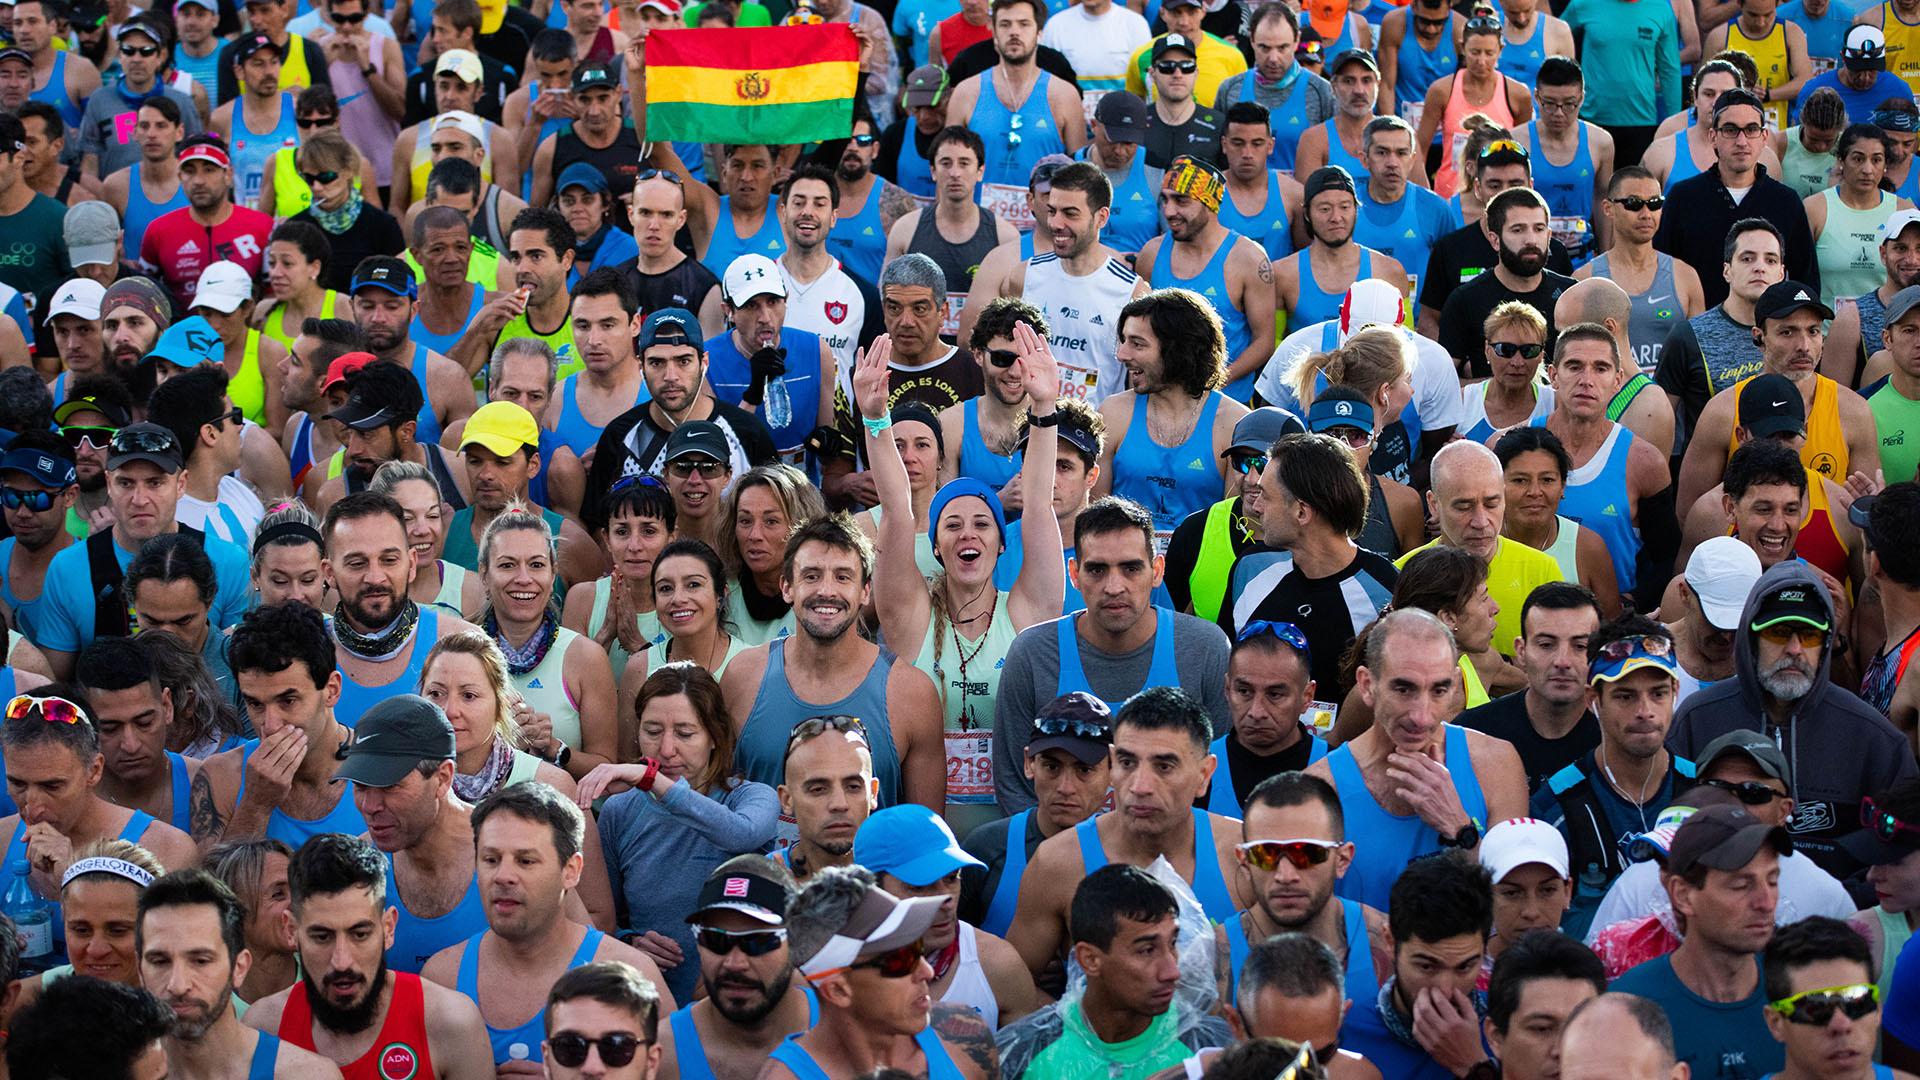 Gente de todas las edades y de diferentes partes del mundo. Los 42k de Buenos Aires representan a un evento único